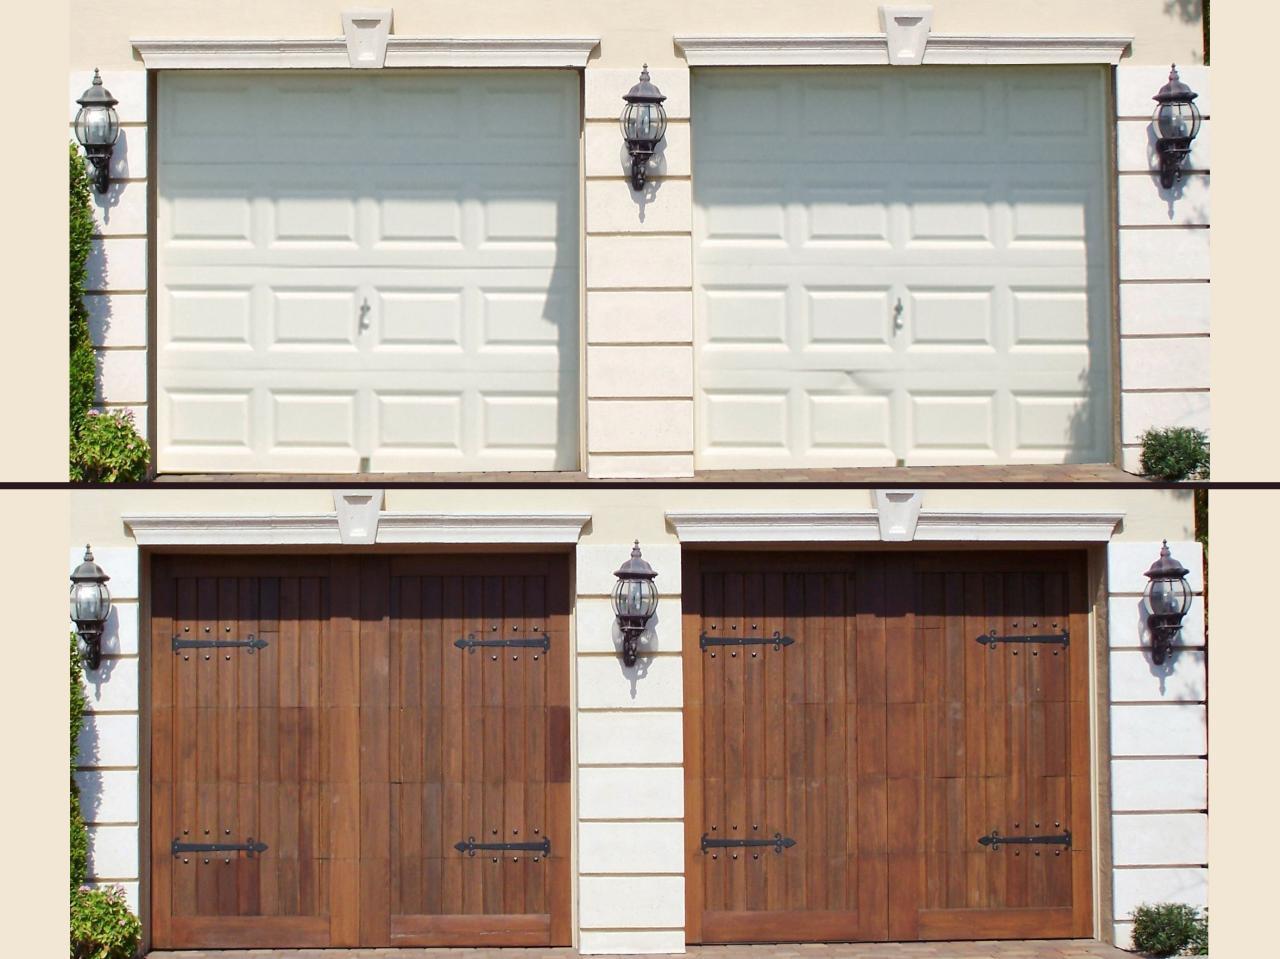 Best ideas about DIY Garage Door Replacement . Save or Pin Do It Yourself Garage Door Repair Dap fice Now.